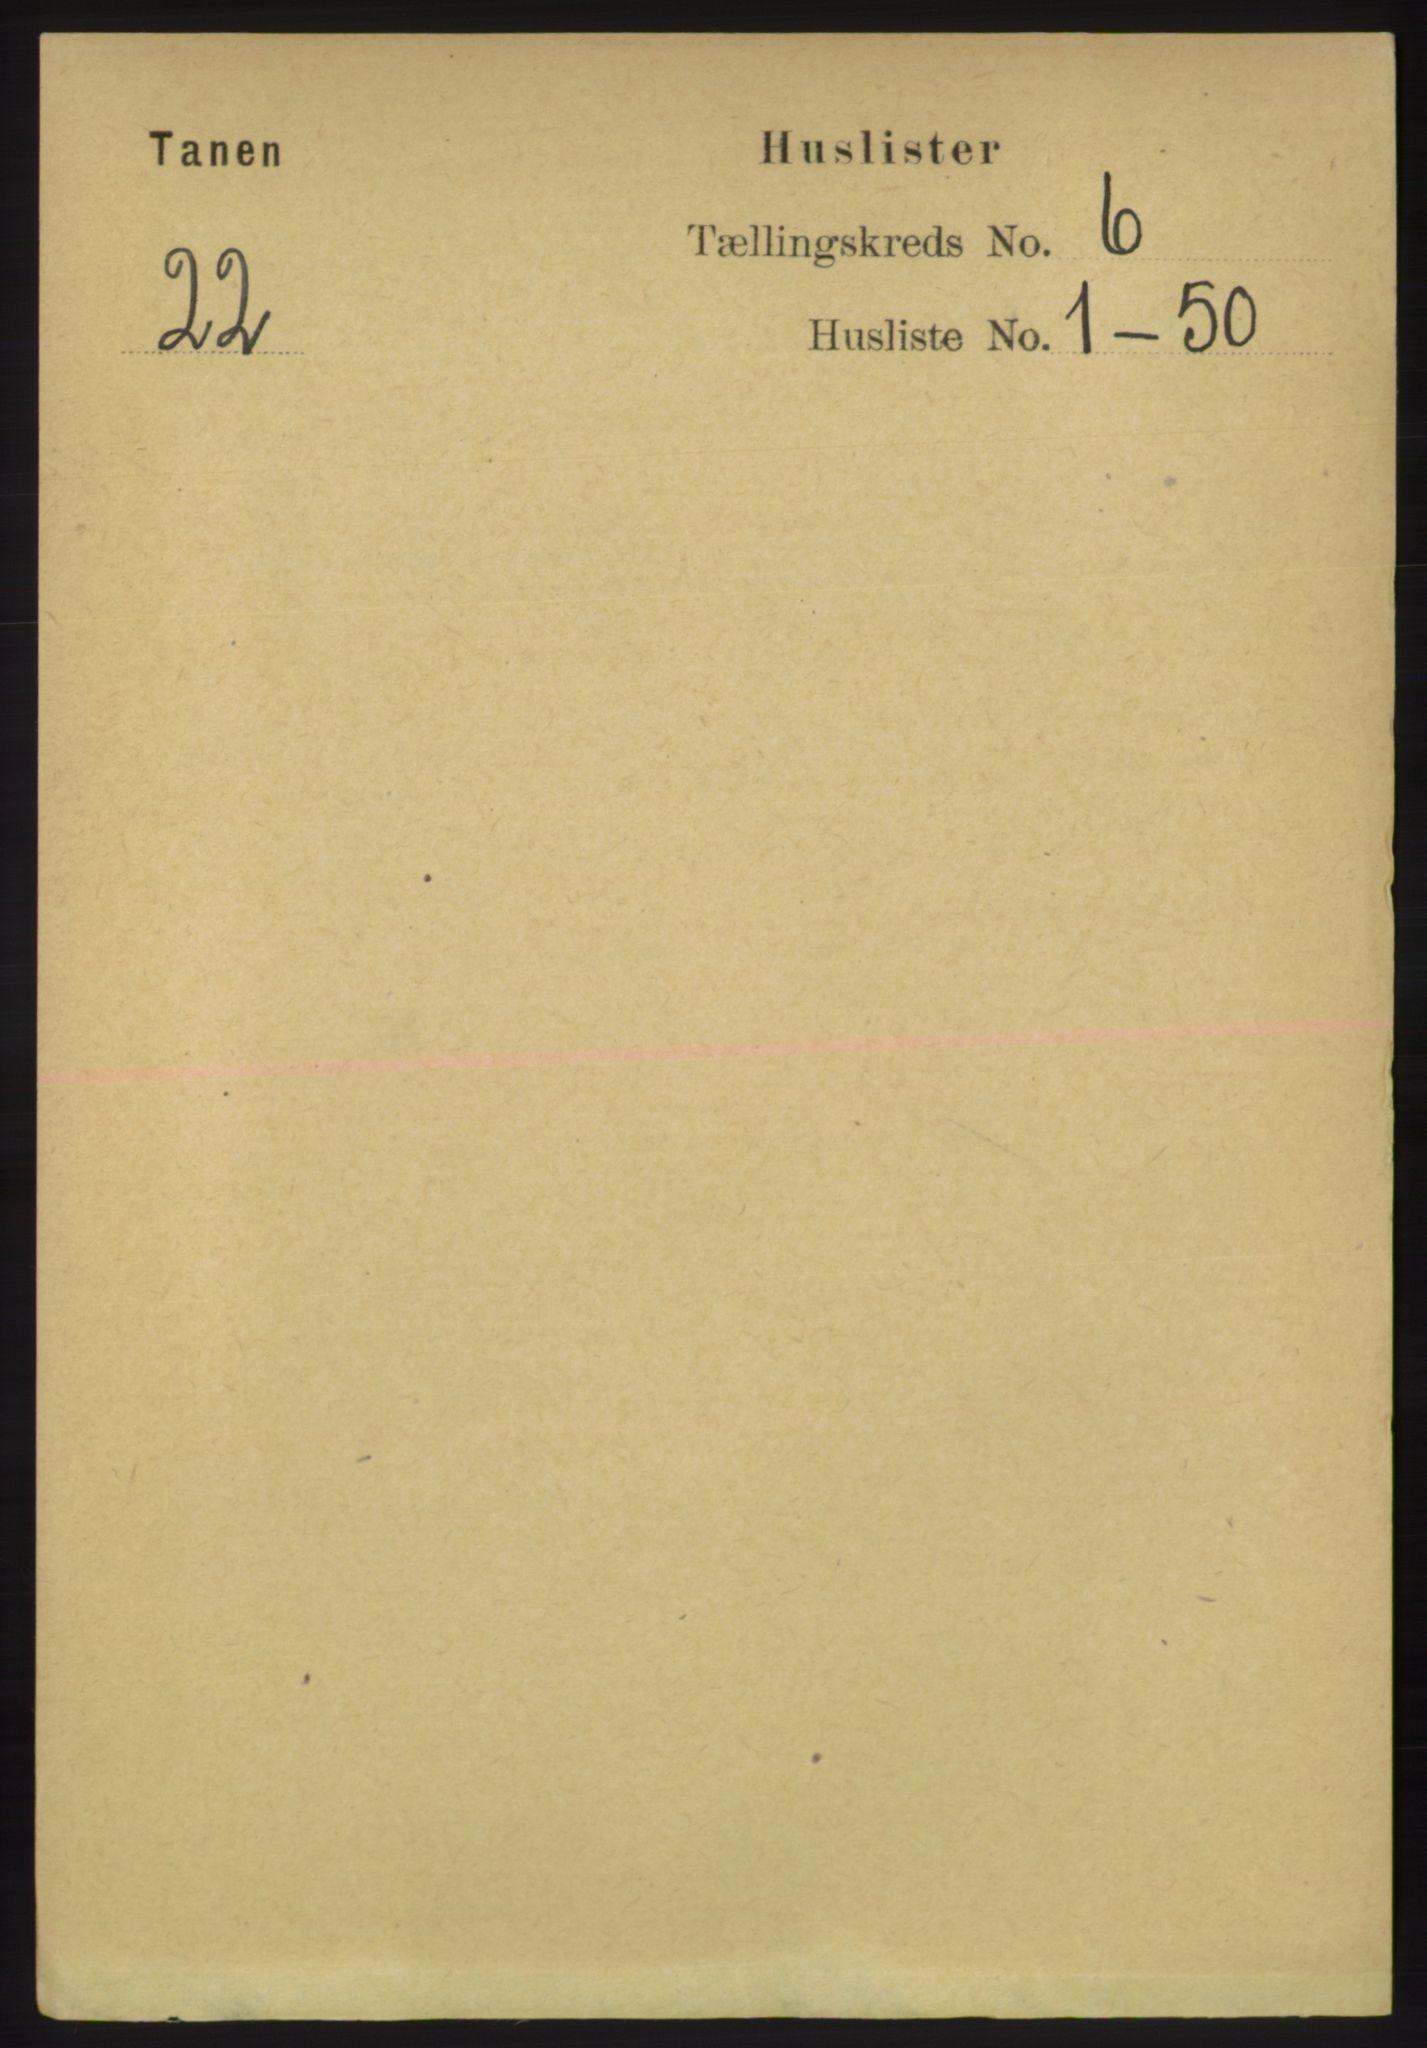 RA, Folketelling 1891 for 2025 Tana herred, 1891, s. 2747